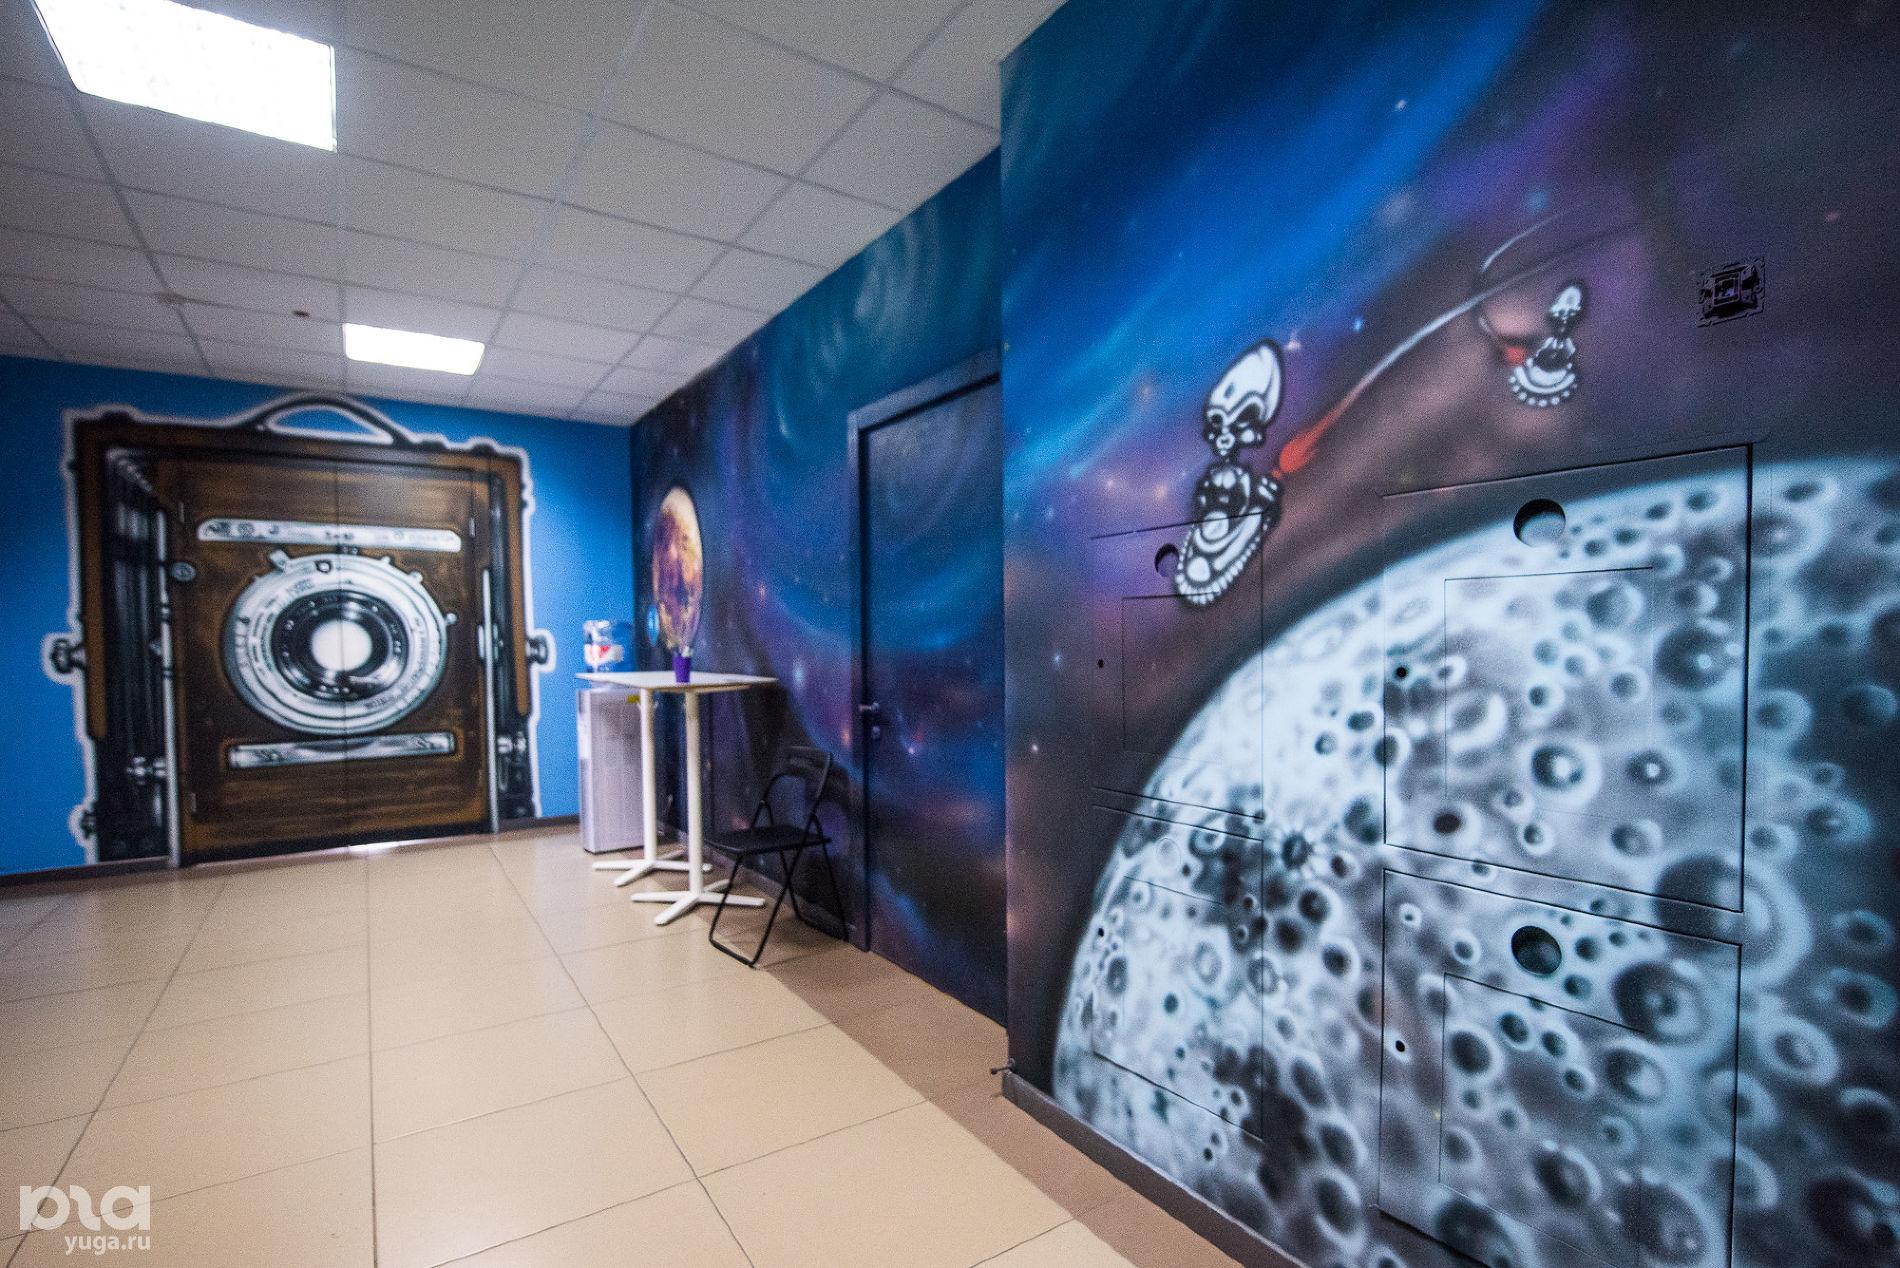 Роспись в фотостудии PanoramaXX ©Фото Елены Синеок, Юга.ру